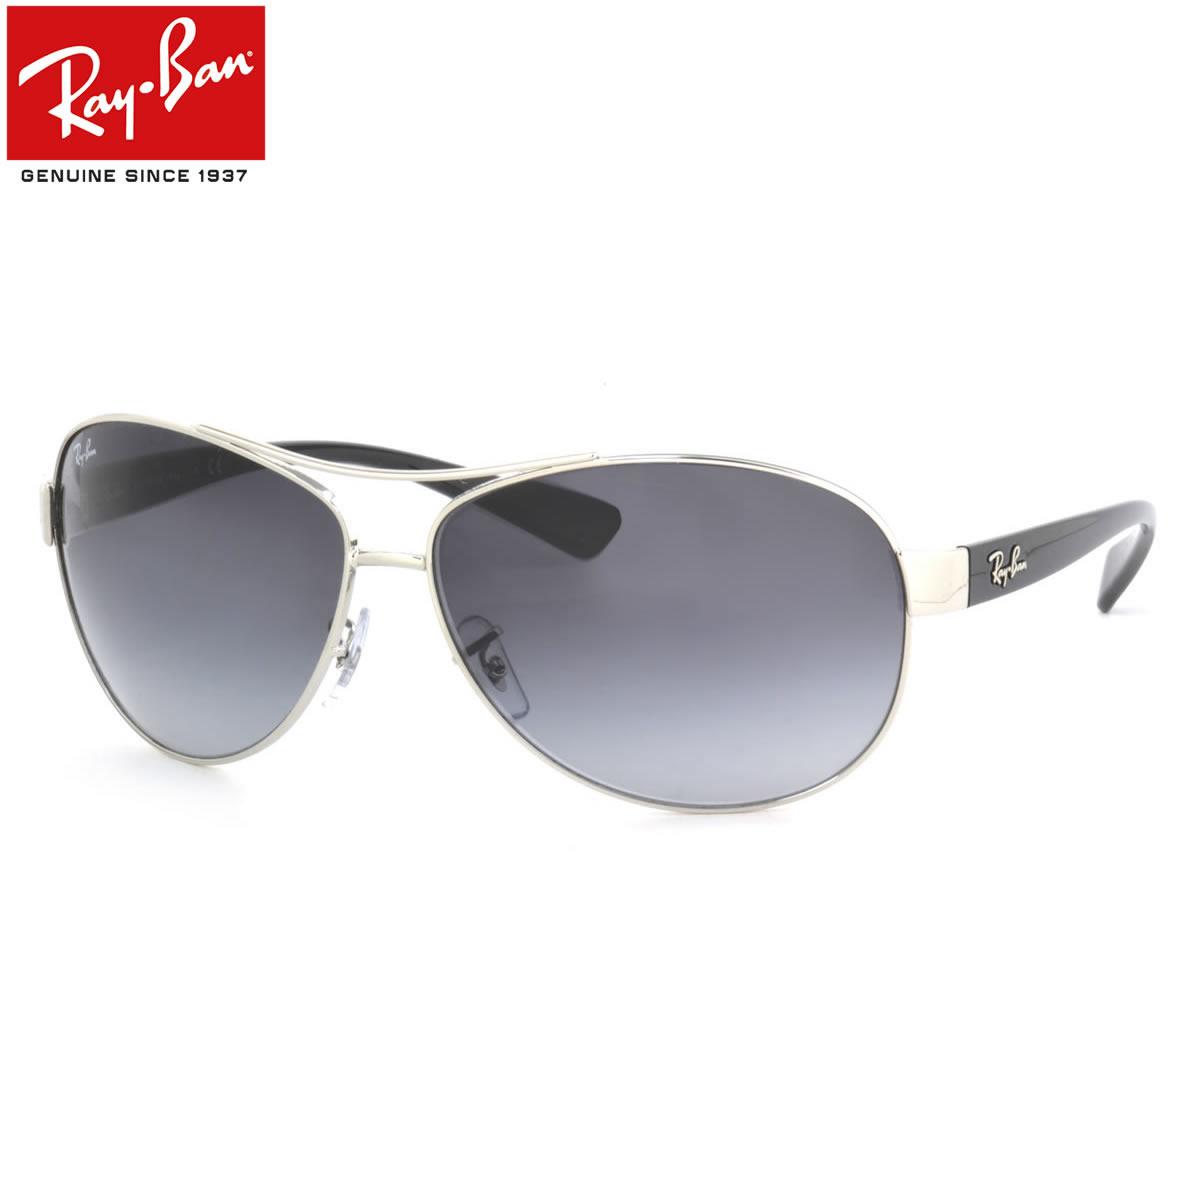 レイバン サングラス Ray-Ban RB3386 003/8G 67サイズレイバン RAYBAN 0038G AVIATOR アビエーター ツーブリッジ ダブルブリッジ ティアドロップ メンズ レディース